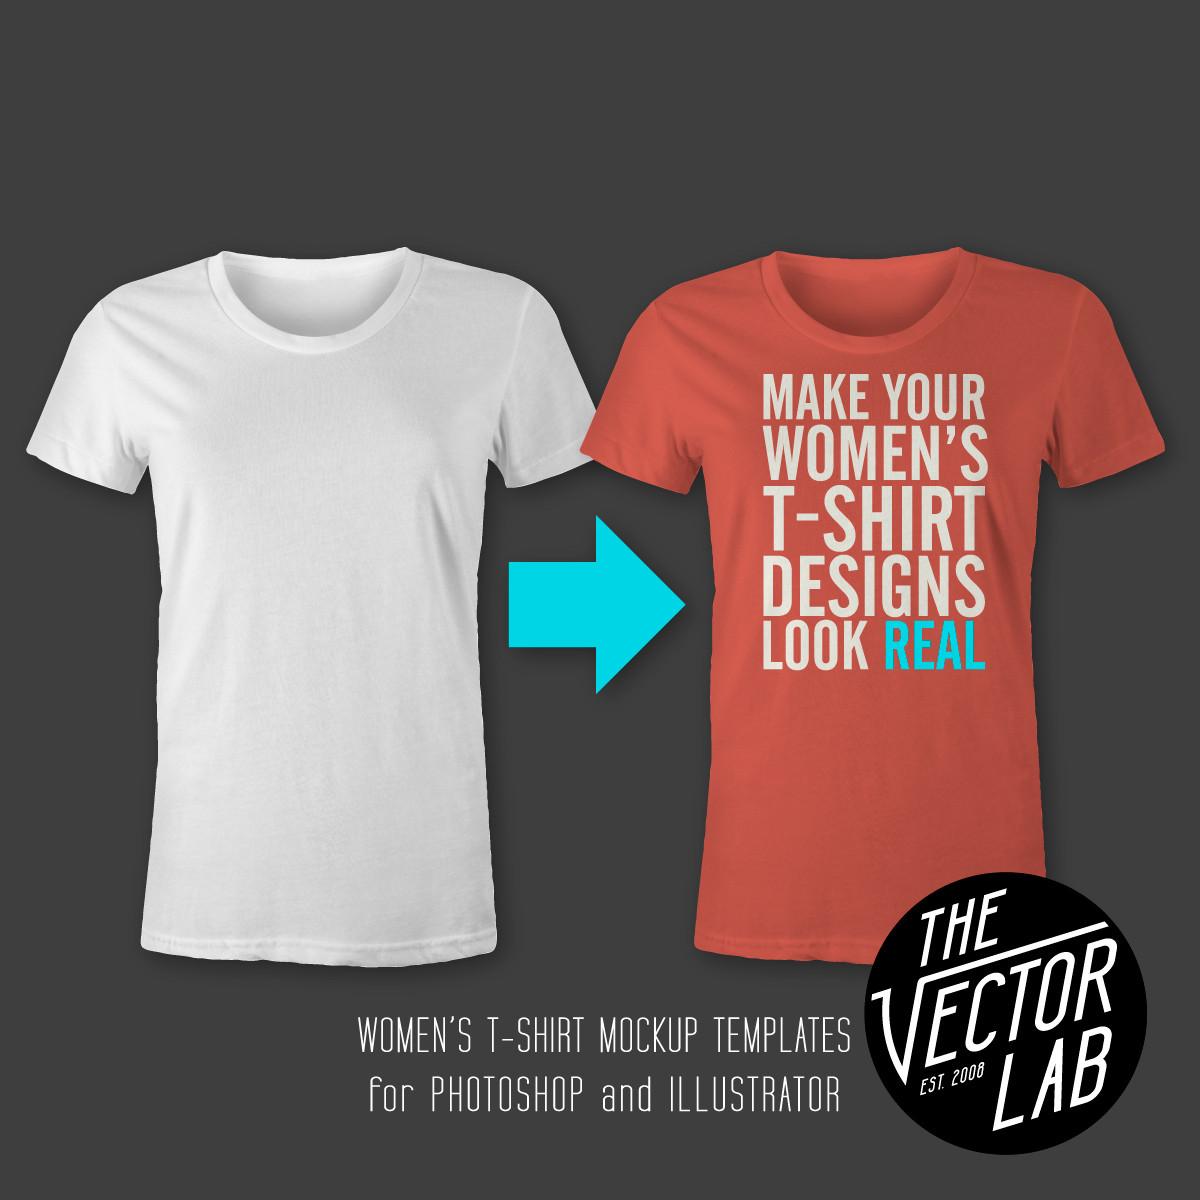 Women's T-Shirt & Apparel Templates